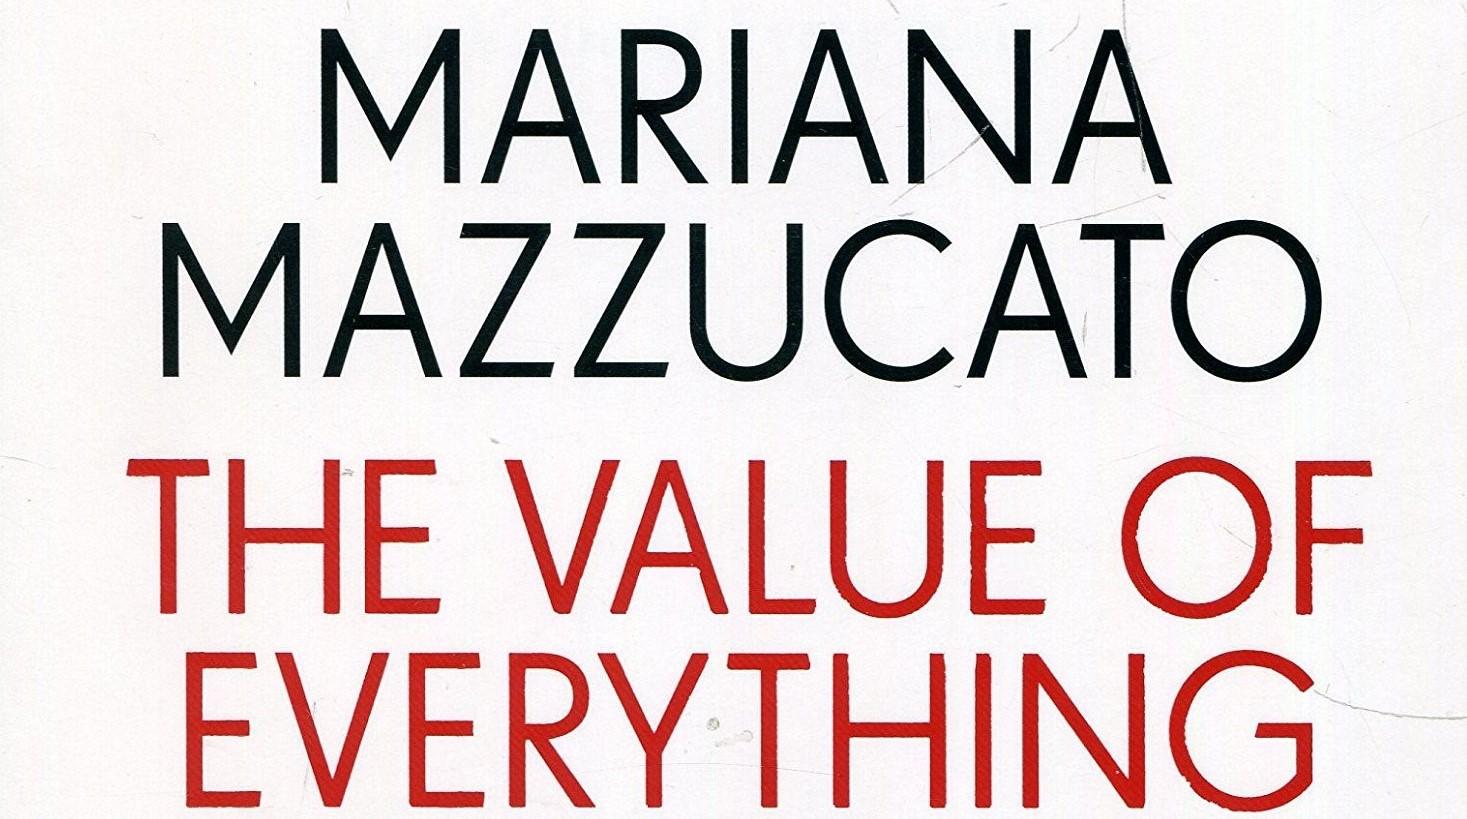 De waarde van alles (Mariana Mazzucato)